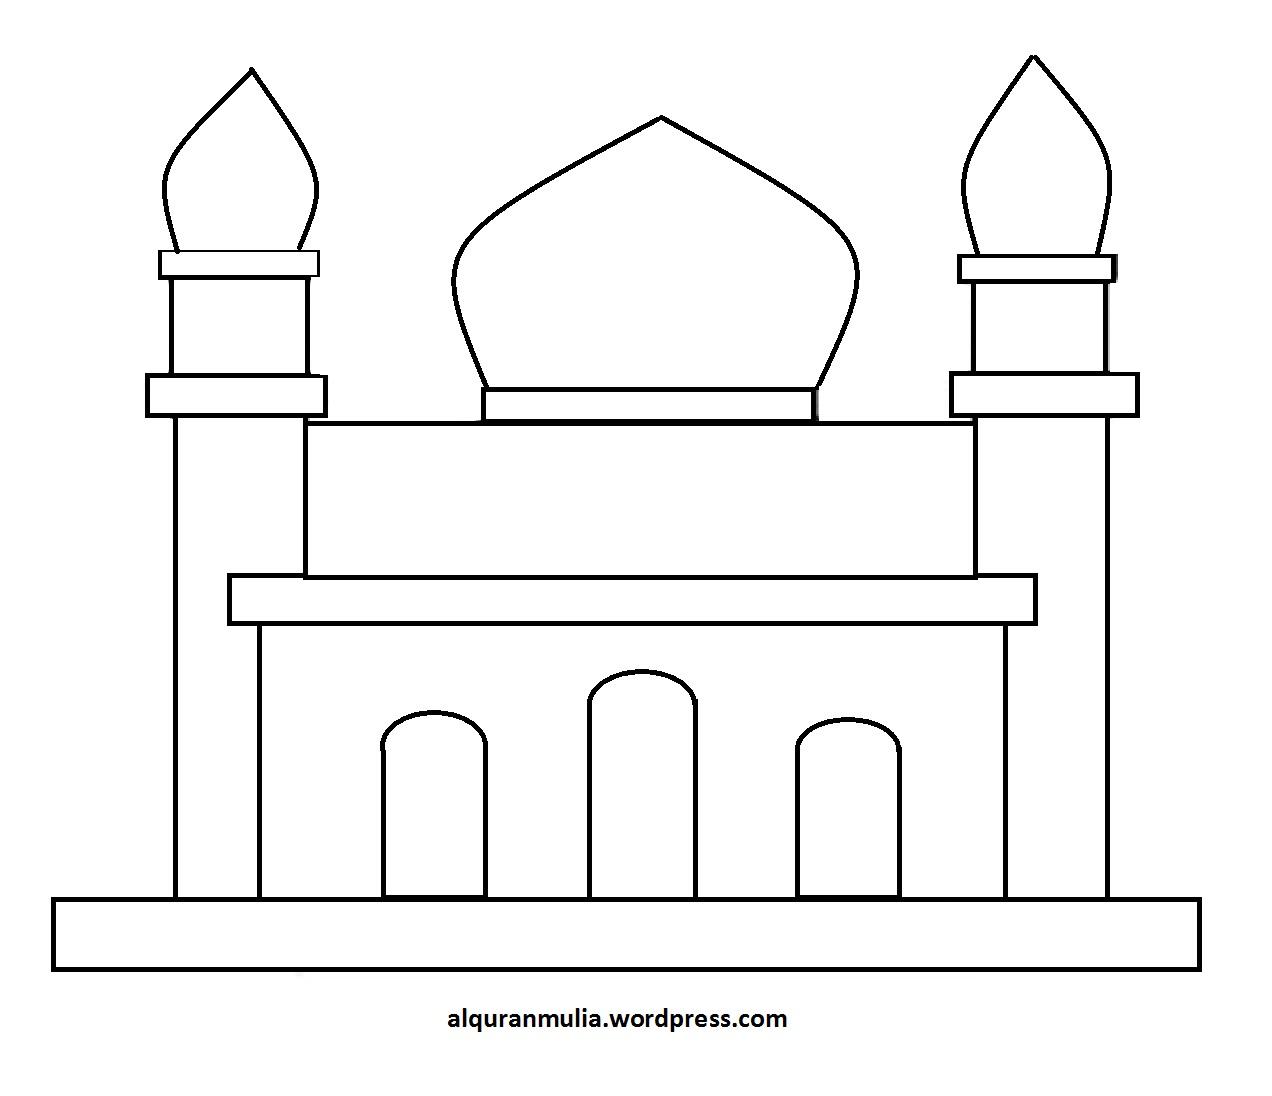 gambar mewarnai masjid download assertion based design